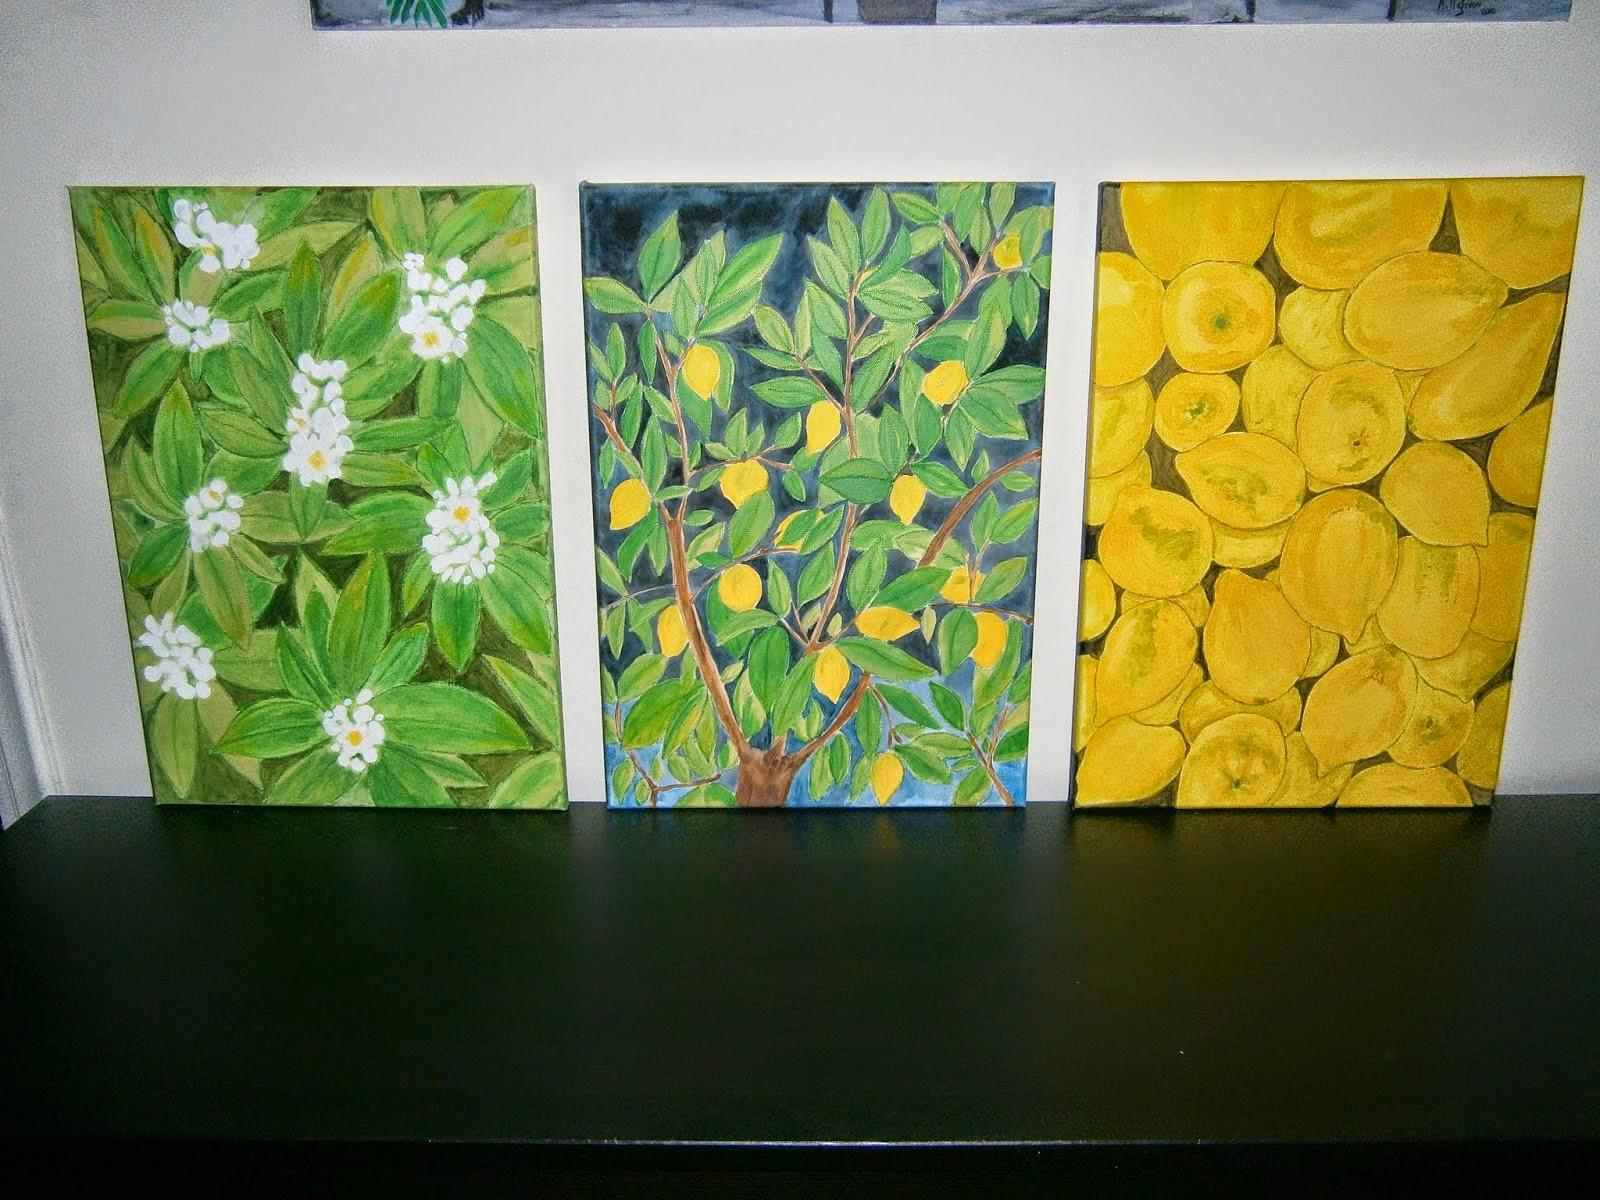 Τα άνθη, η λεμονιά και τα λεμόνια